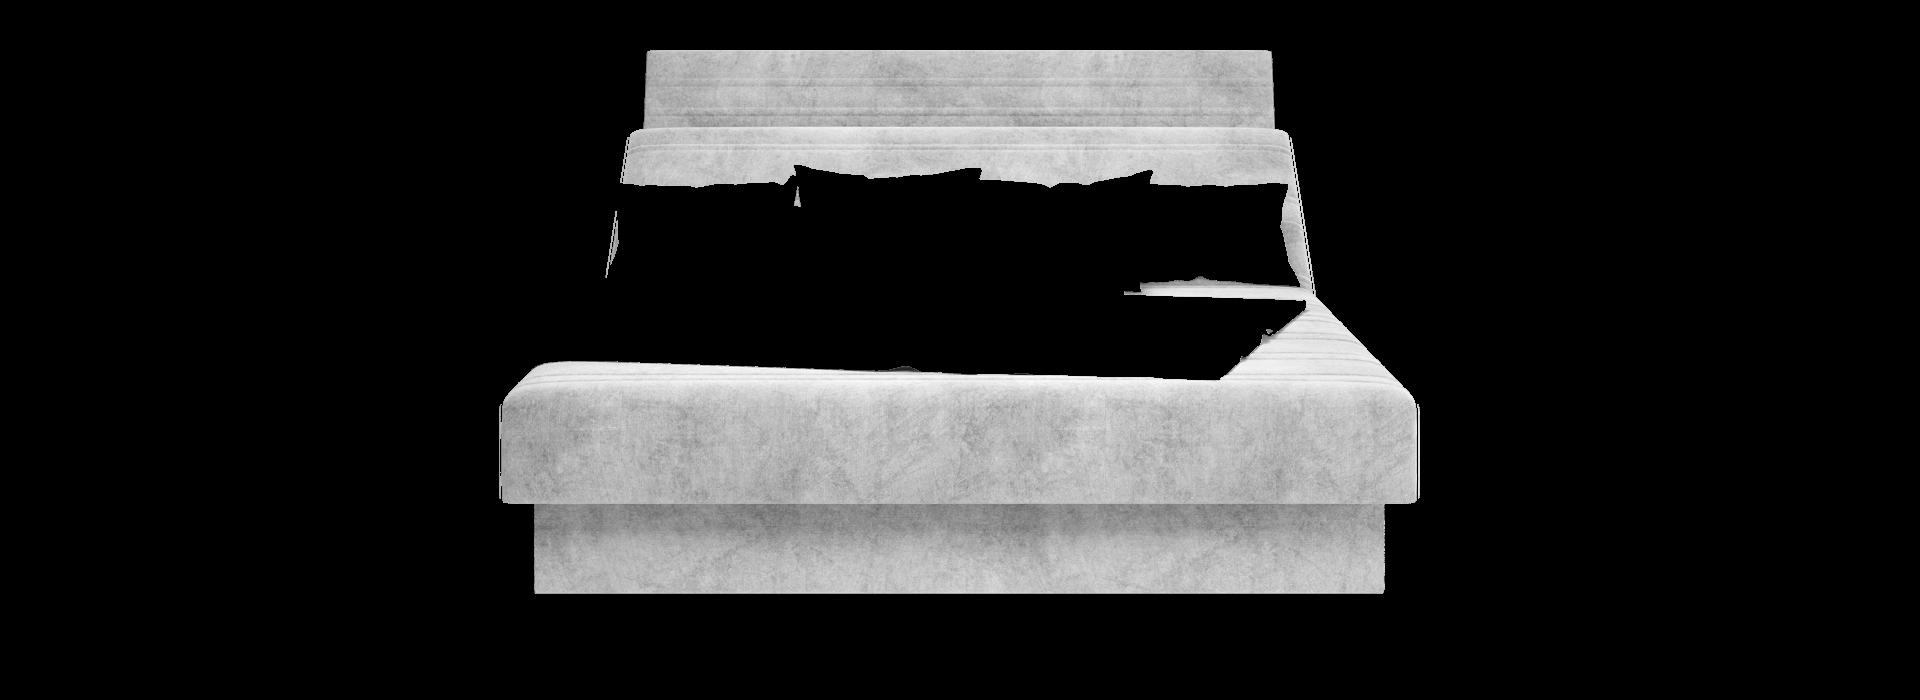 Амира 1.6 МП кровать с 2-мя подъемниками - маска 1